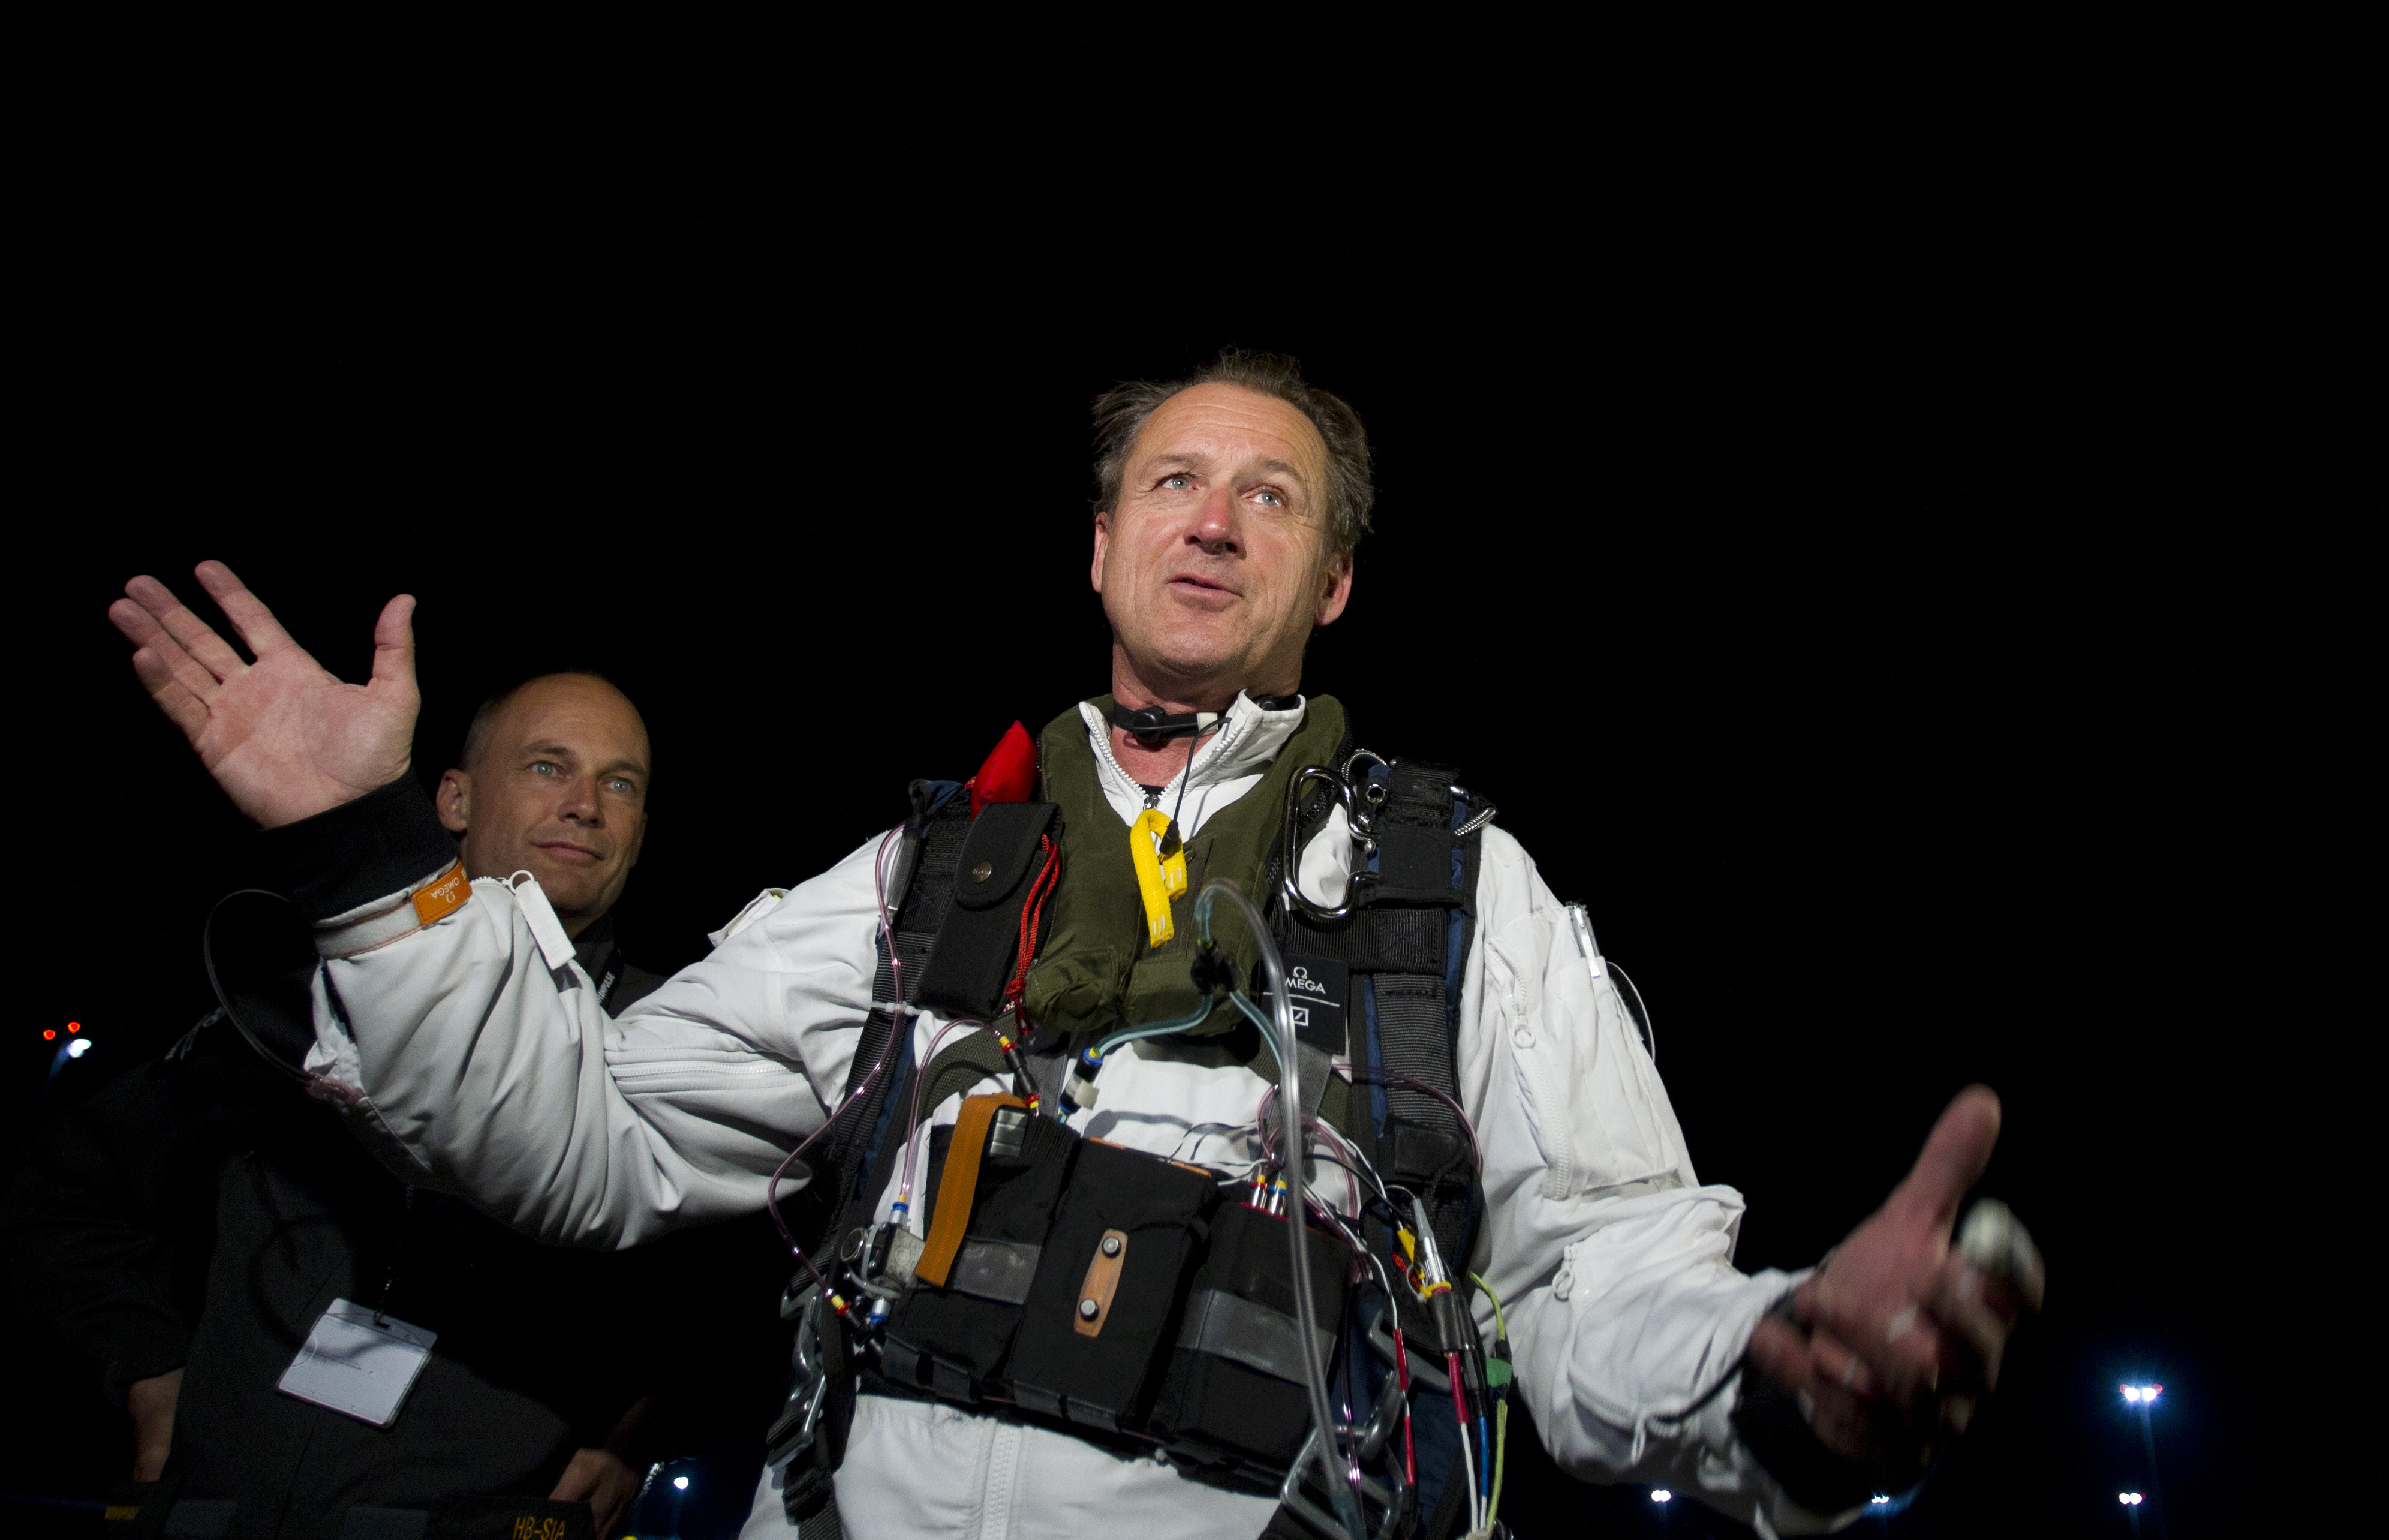 Сутки в небе: пилот Андре Боршберг хорошо полетал